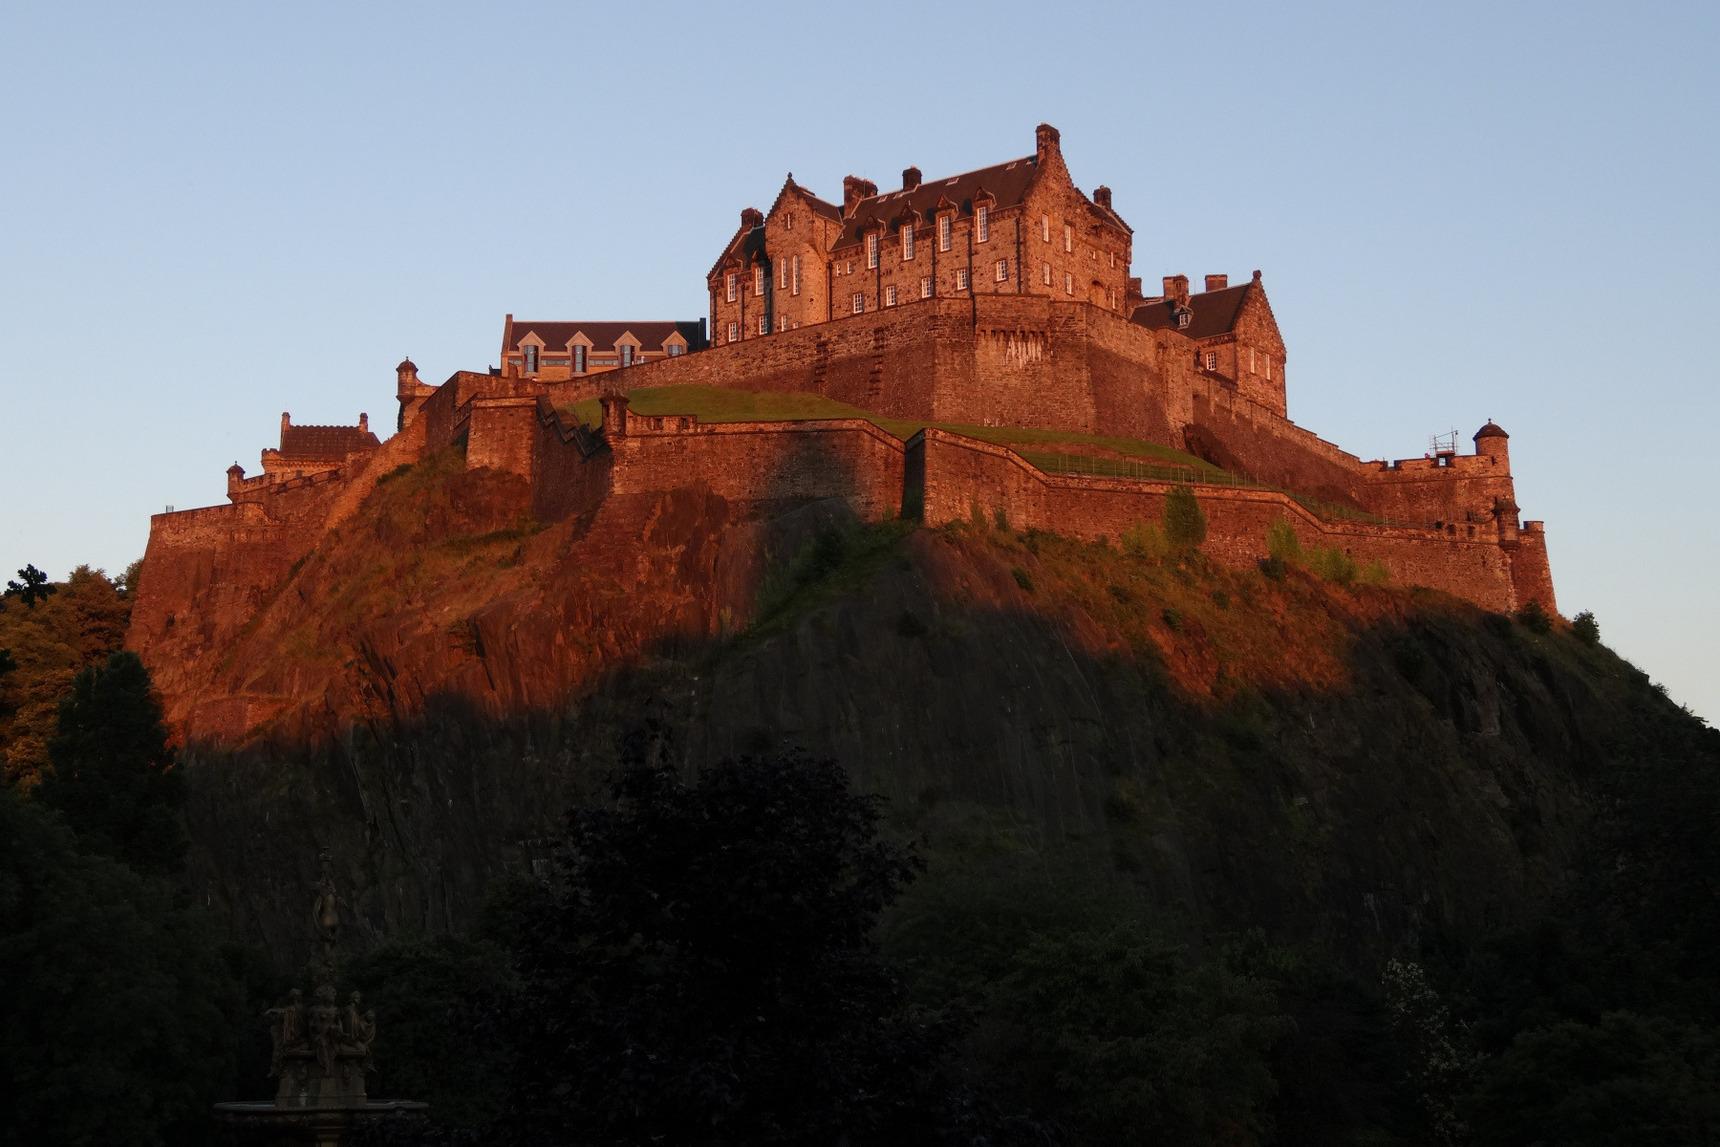 Edinburgh Castle bathed in golden sunset